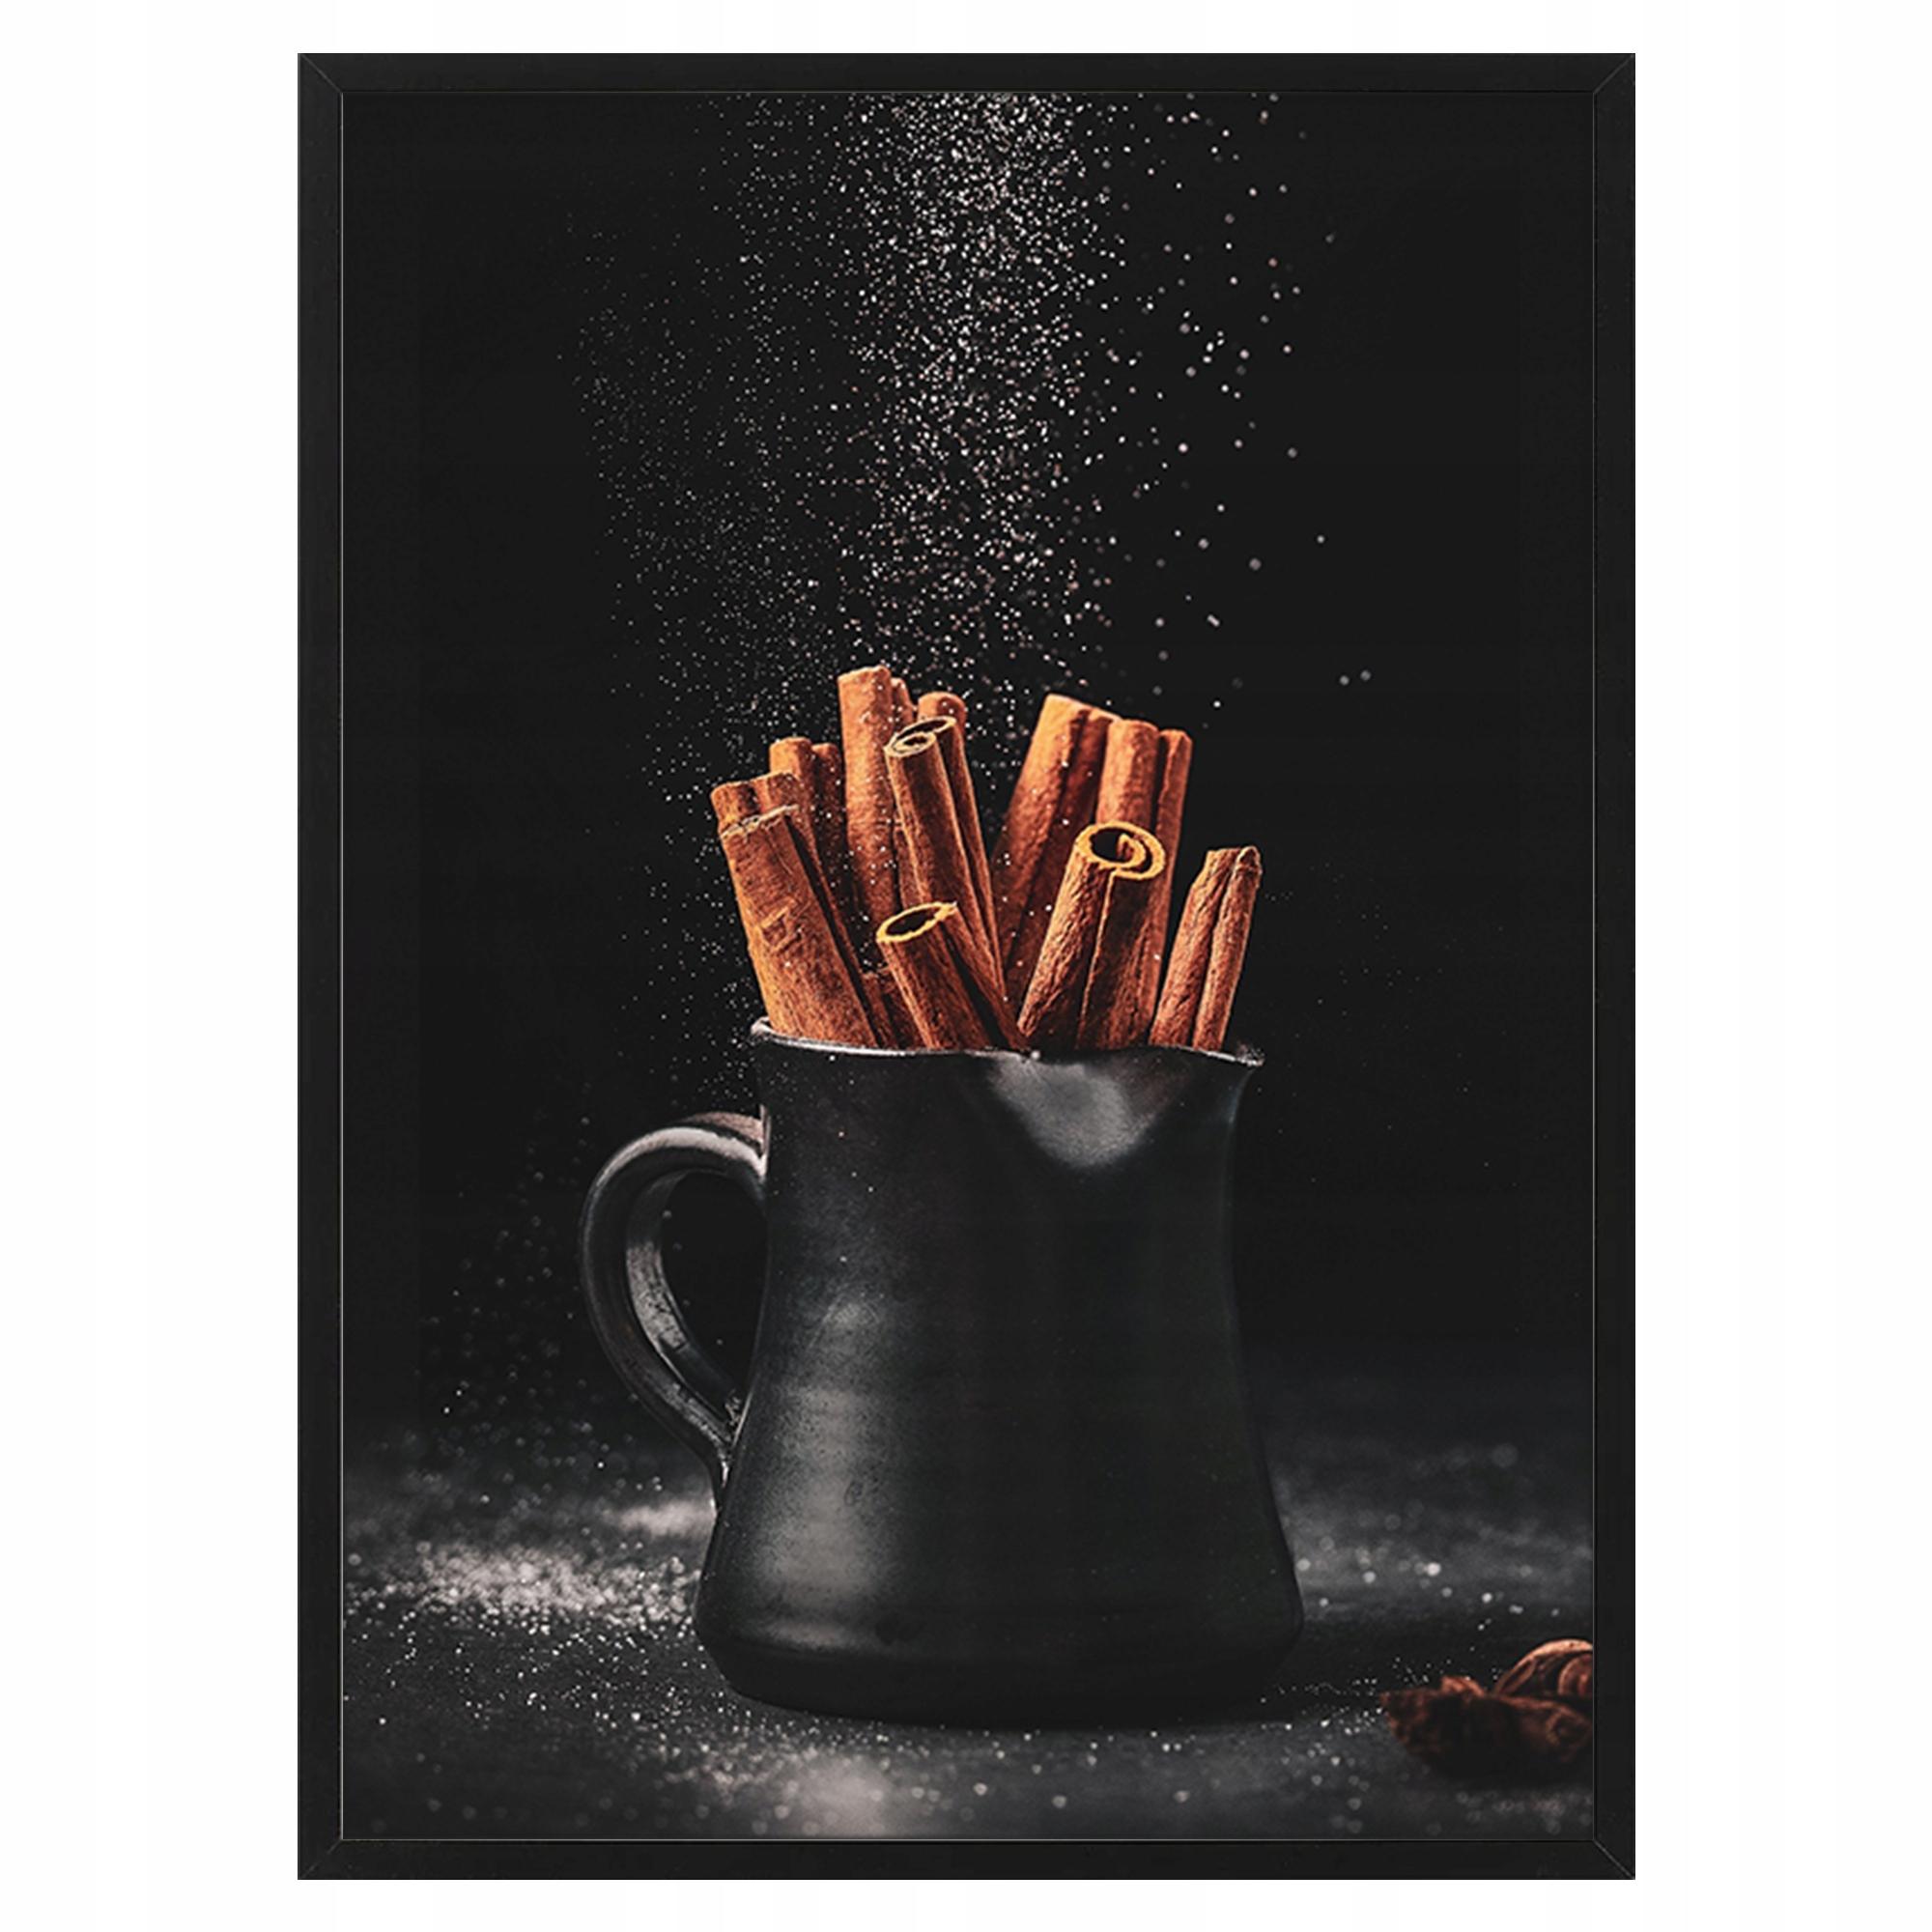 Plakat obraz w ramie 40x50 cm DO KUCHNI CYNAMON